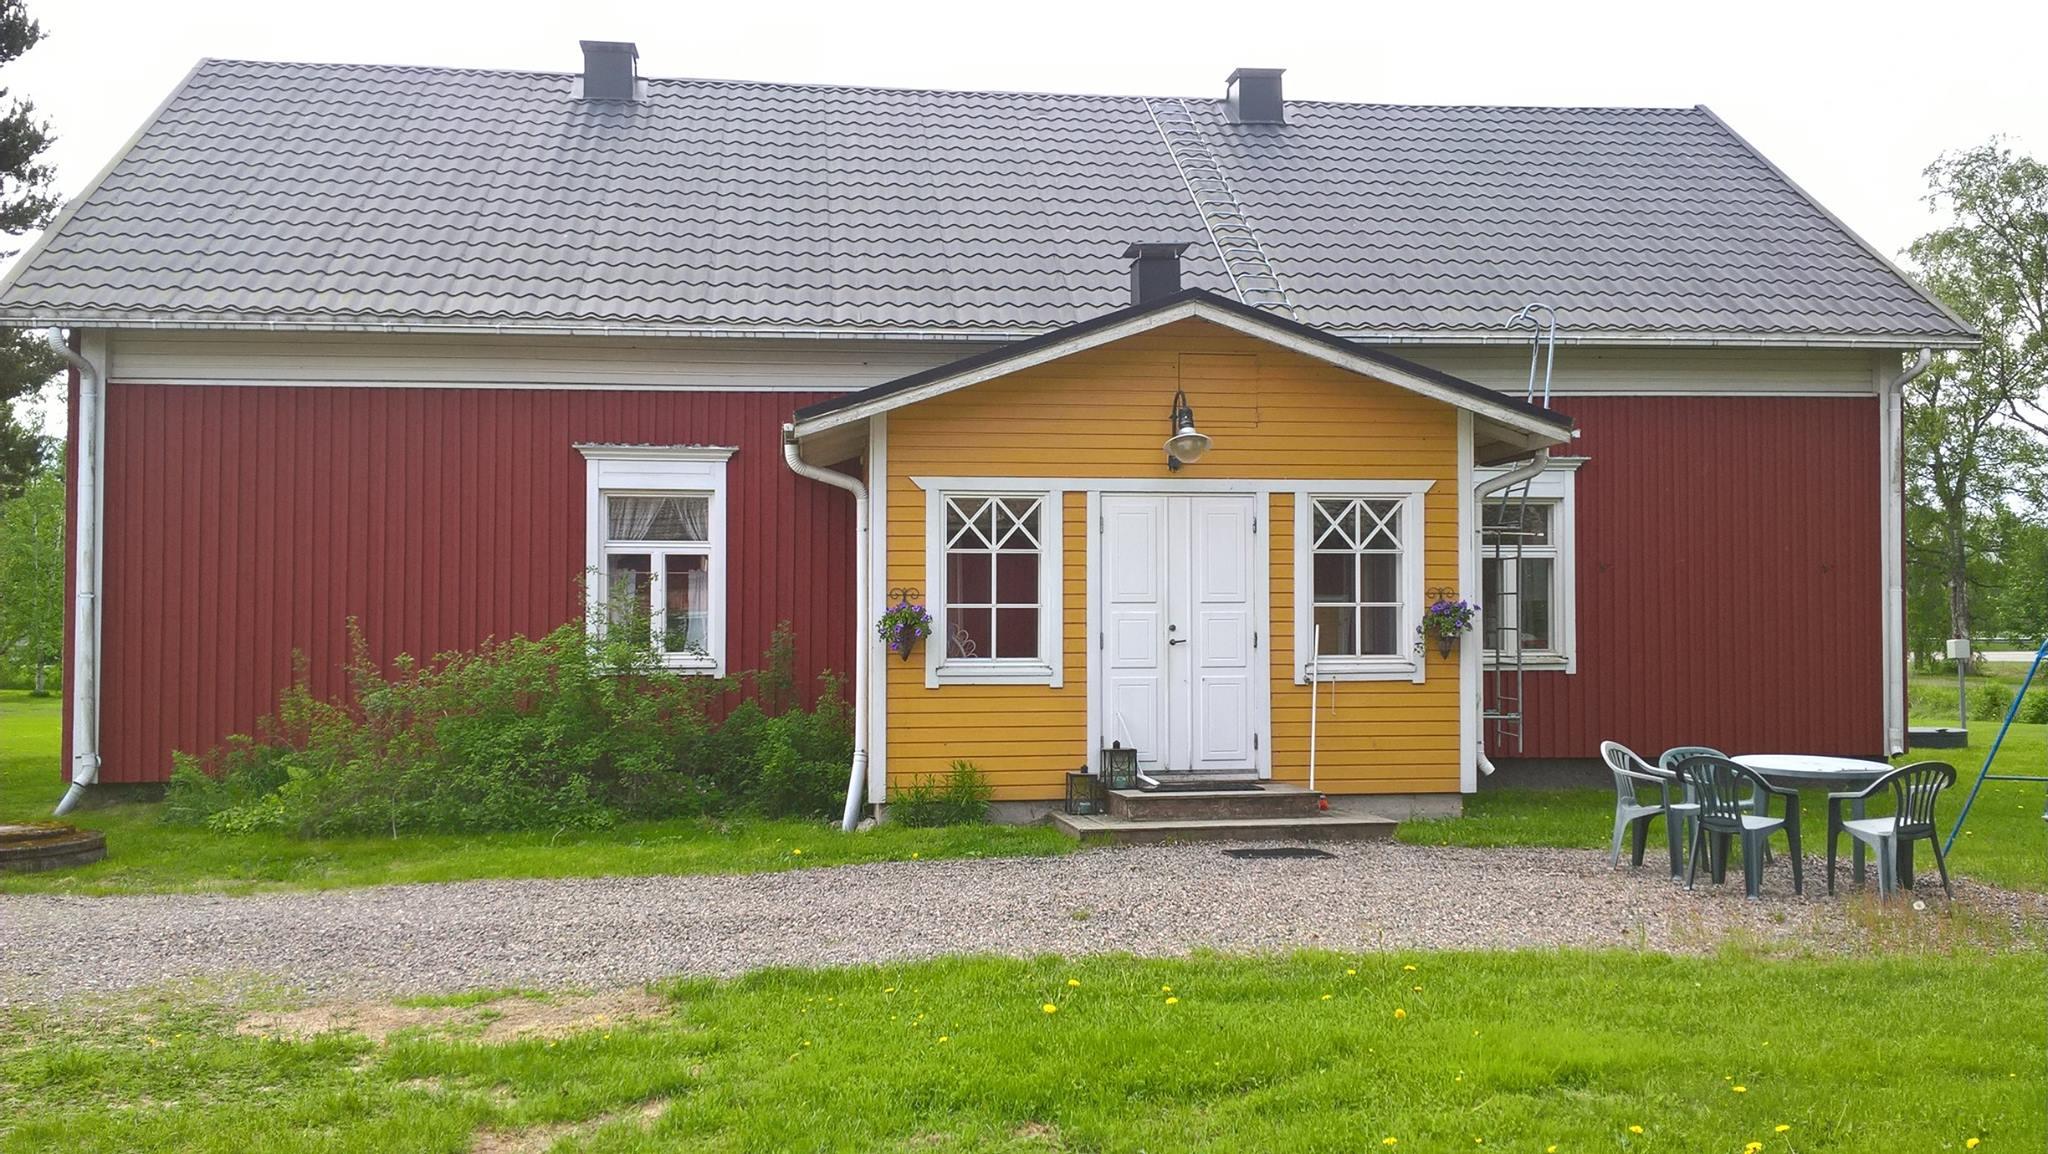 Här ett färskt foto av hur huset ser ut från gårdssidan.